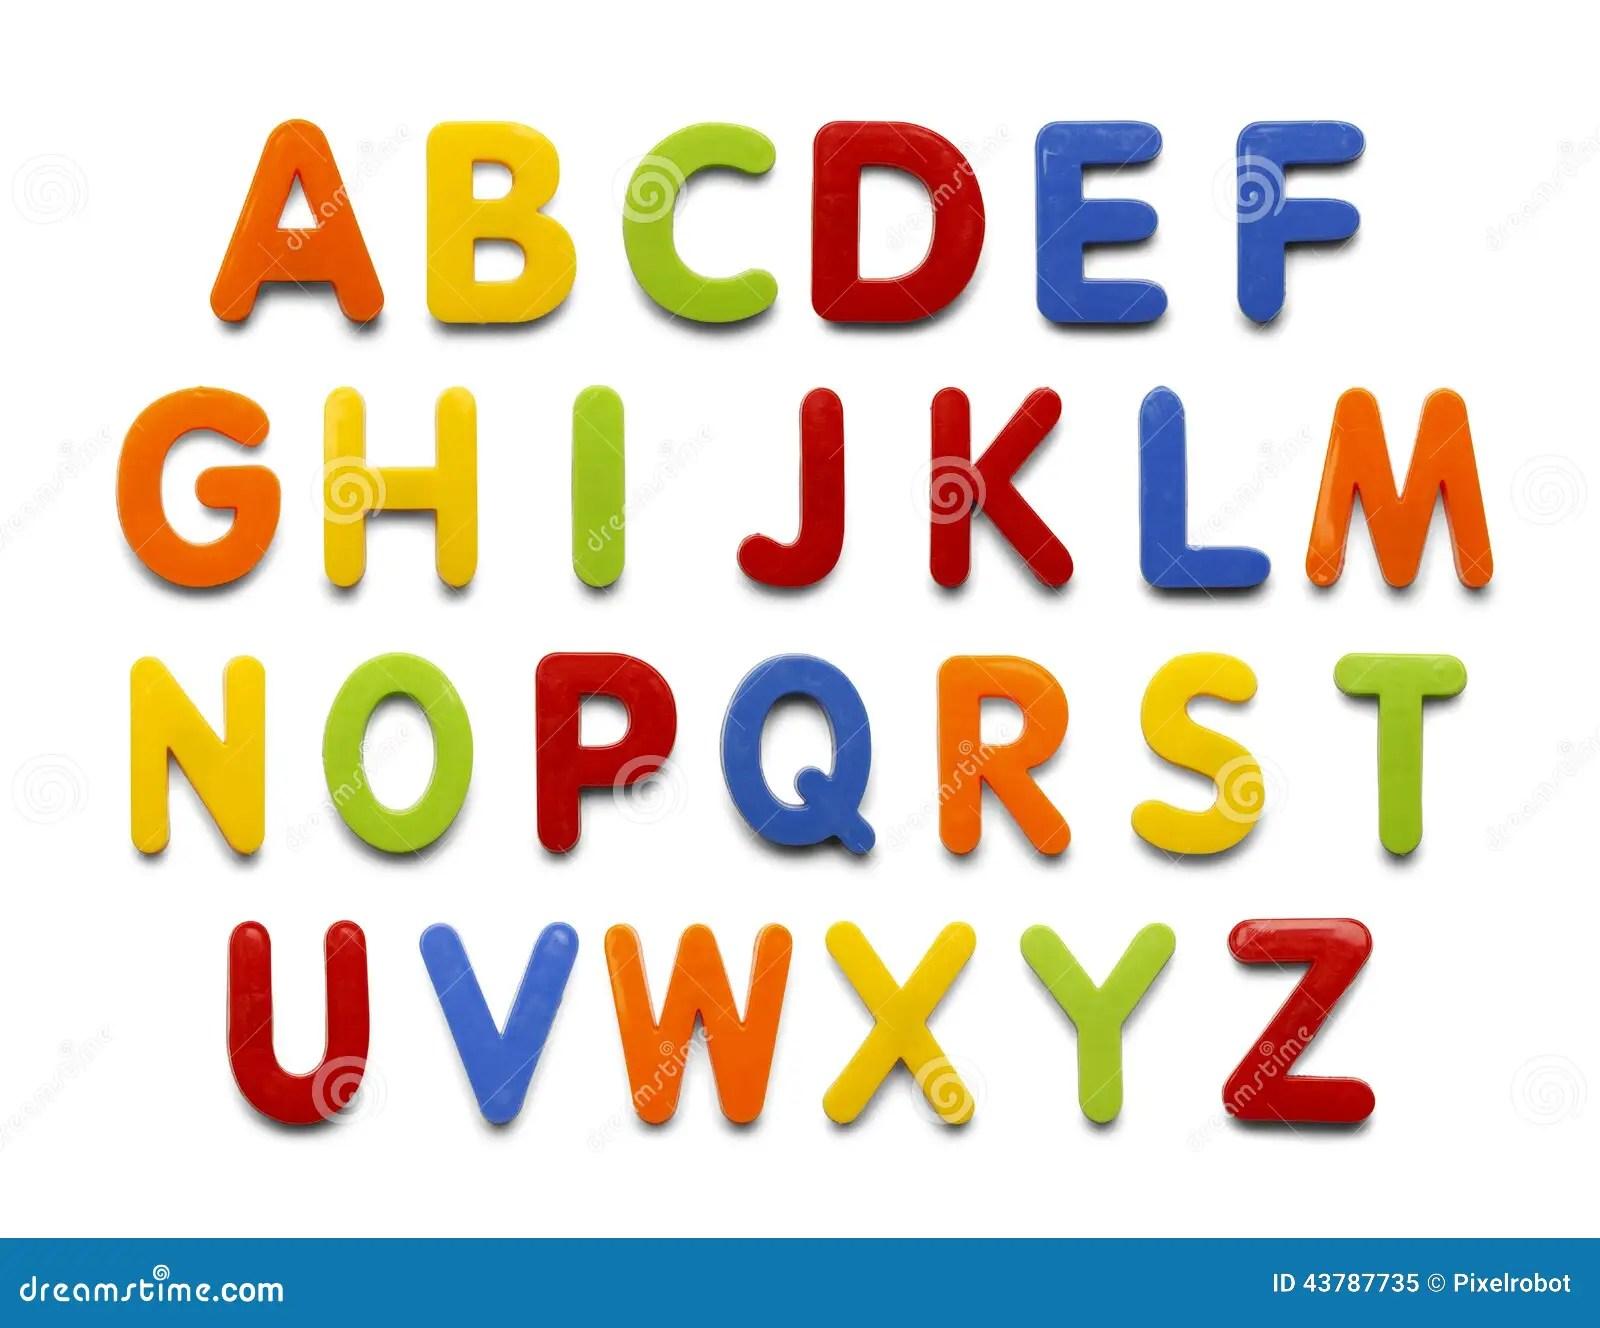 Magnet Alphabet Stock Photo